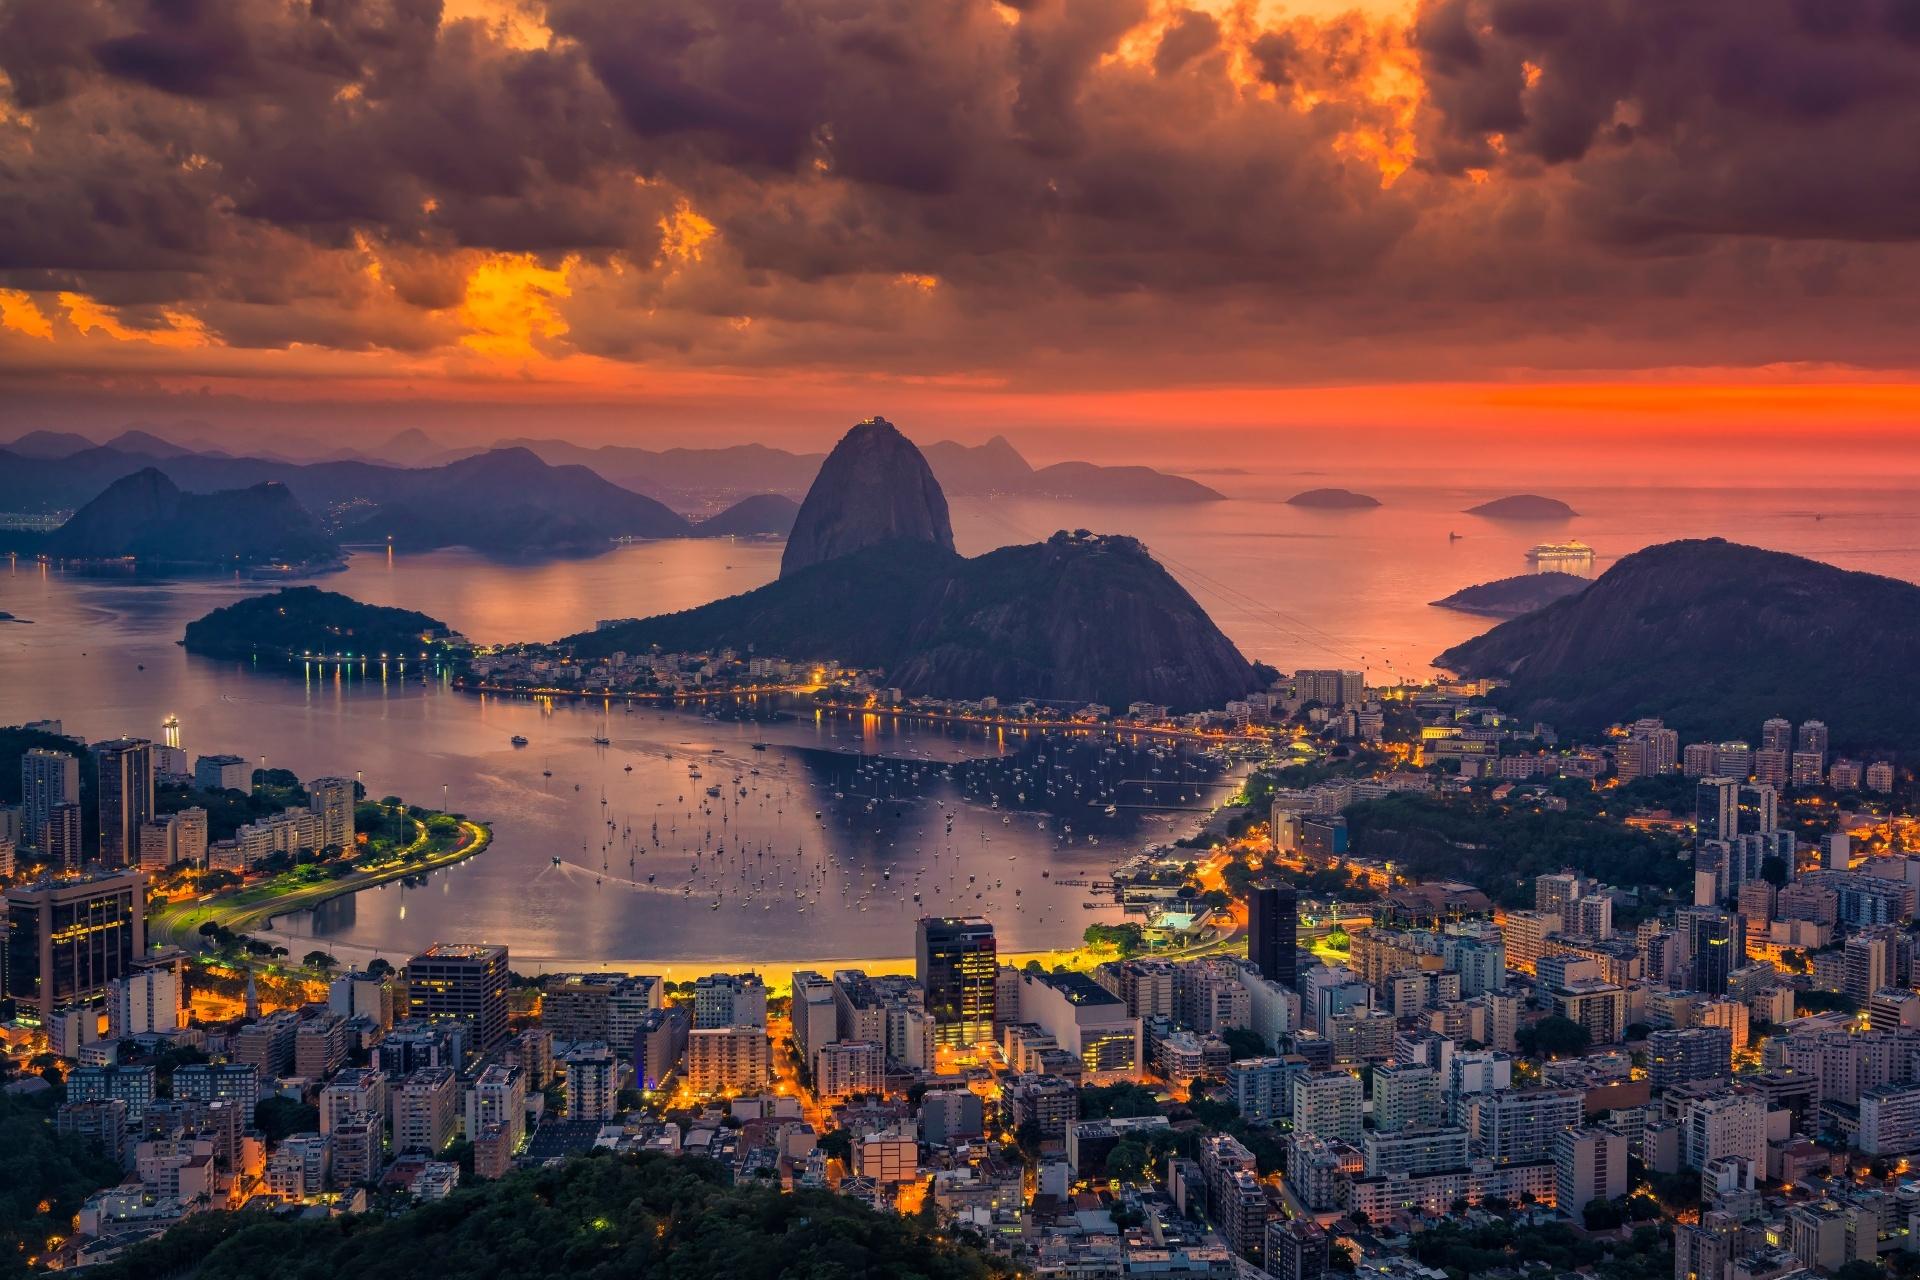 ポン・ヂ・アスーカルと朝焼けの風景 ブラジルの風景